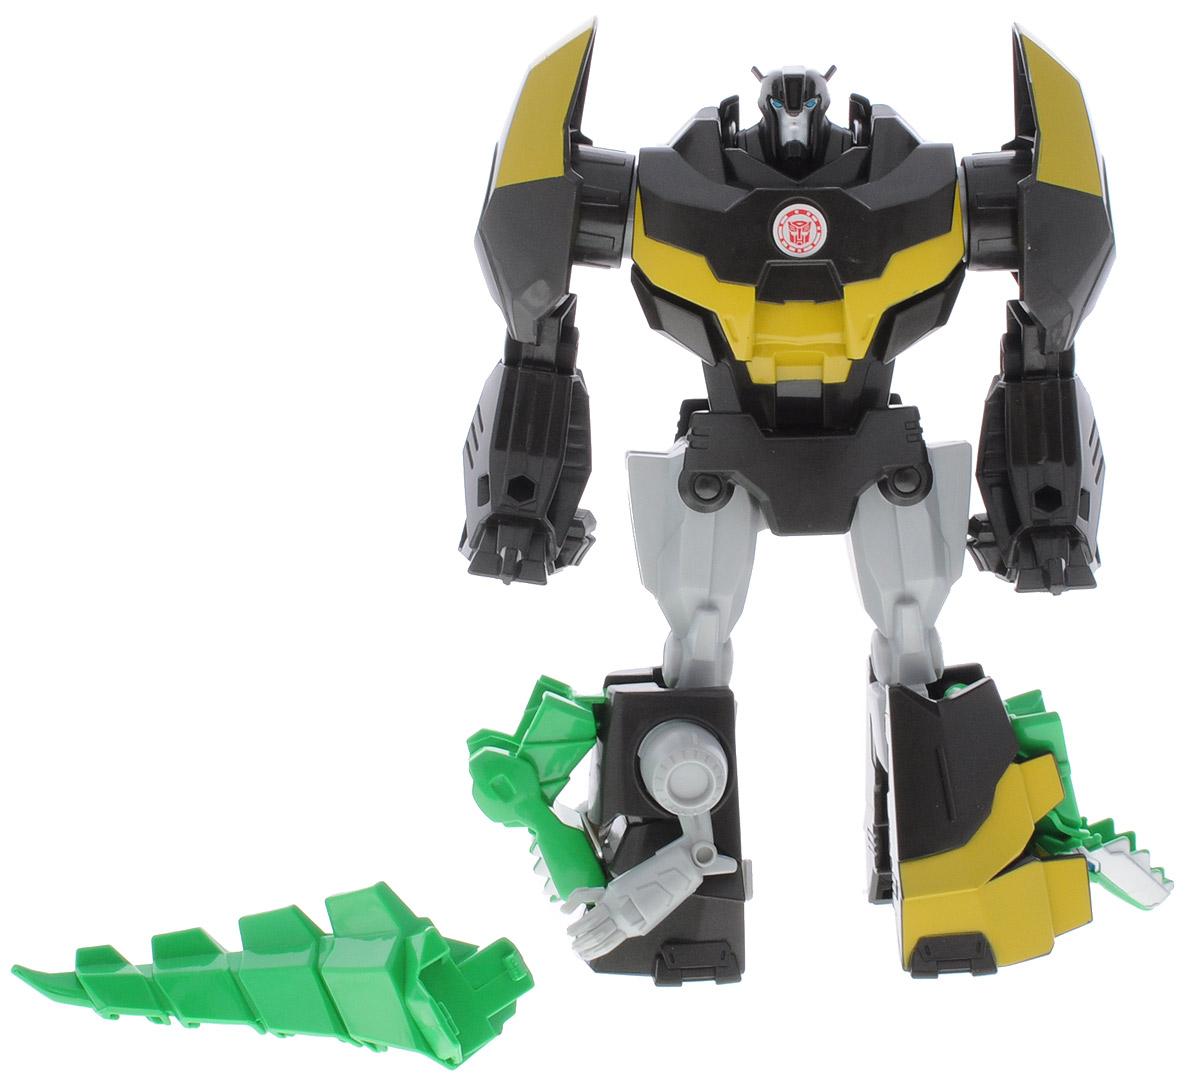 Transformers Трансформер Robots in Disguise GrimlockB0067_B5595_GrimlockTransformers Robots in Disguise Grimlock обязательно понравится любому маленькому поклоннику знаменитых Трансформеров! Игрушка выполнена из прочного пластика в виде трансформера-автобота Гримлока. Руки и ноги робота подвижны. В 3 простых шага малыш сможет трансформировать фигурку робота в грозного динозавра. Ребенок с удовольствием будет играть с трансформером, придумывая различные истории. Порадуйте его таким замечательным подарком!